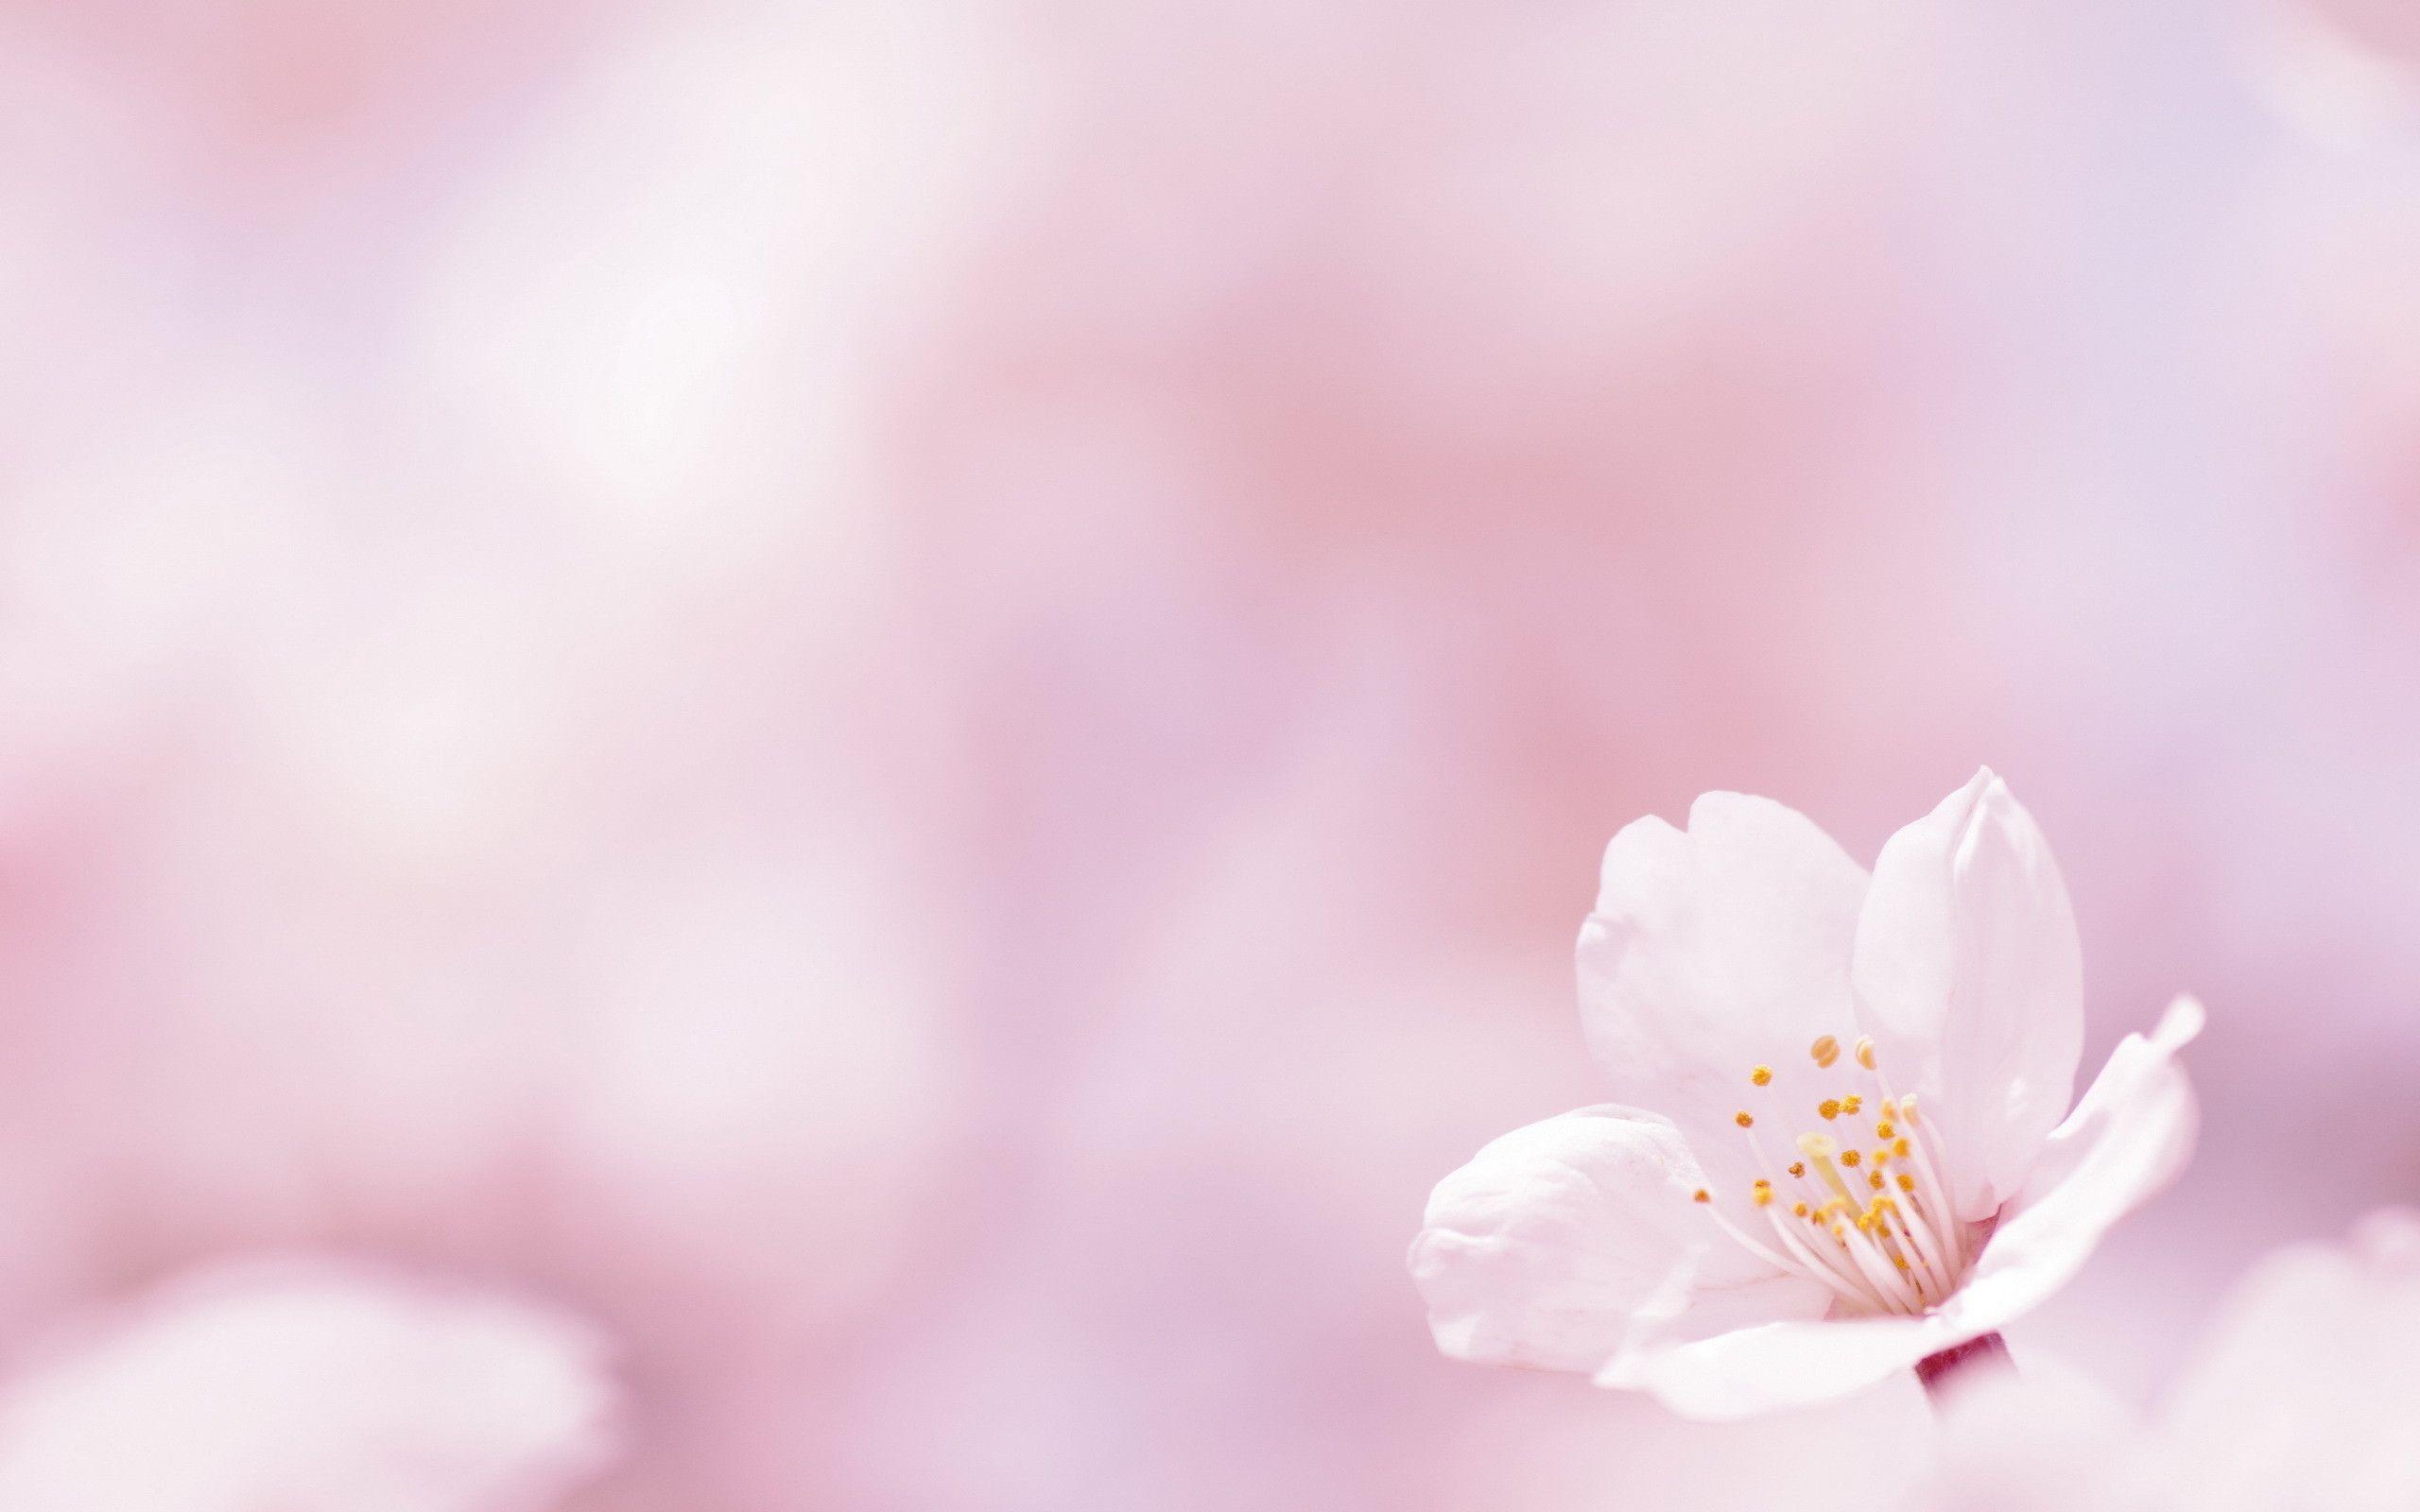 あなたの心に花一輪、優しい花が咲きますように。